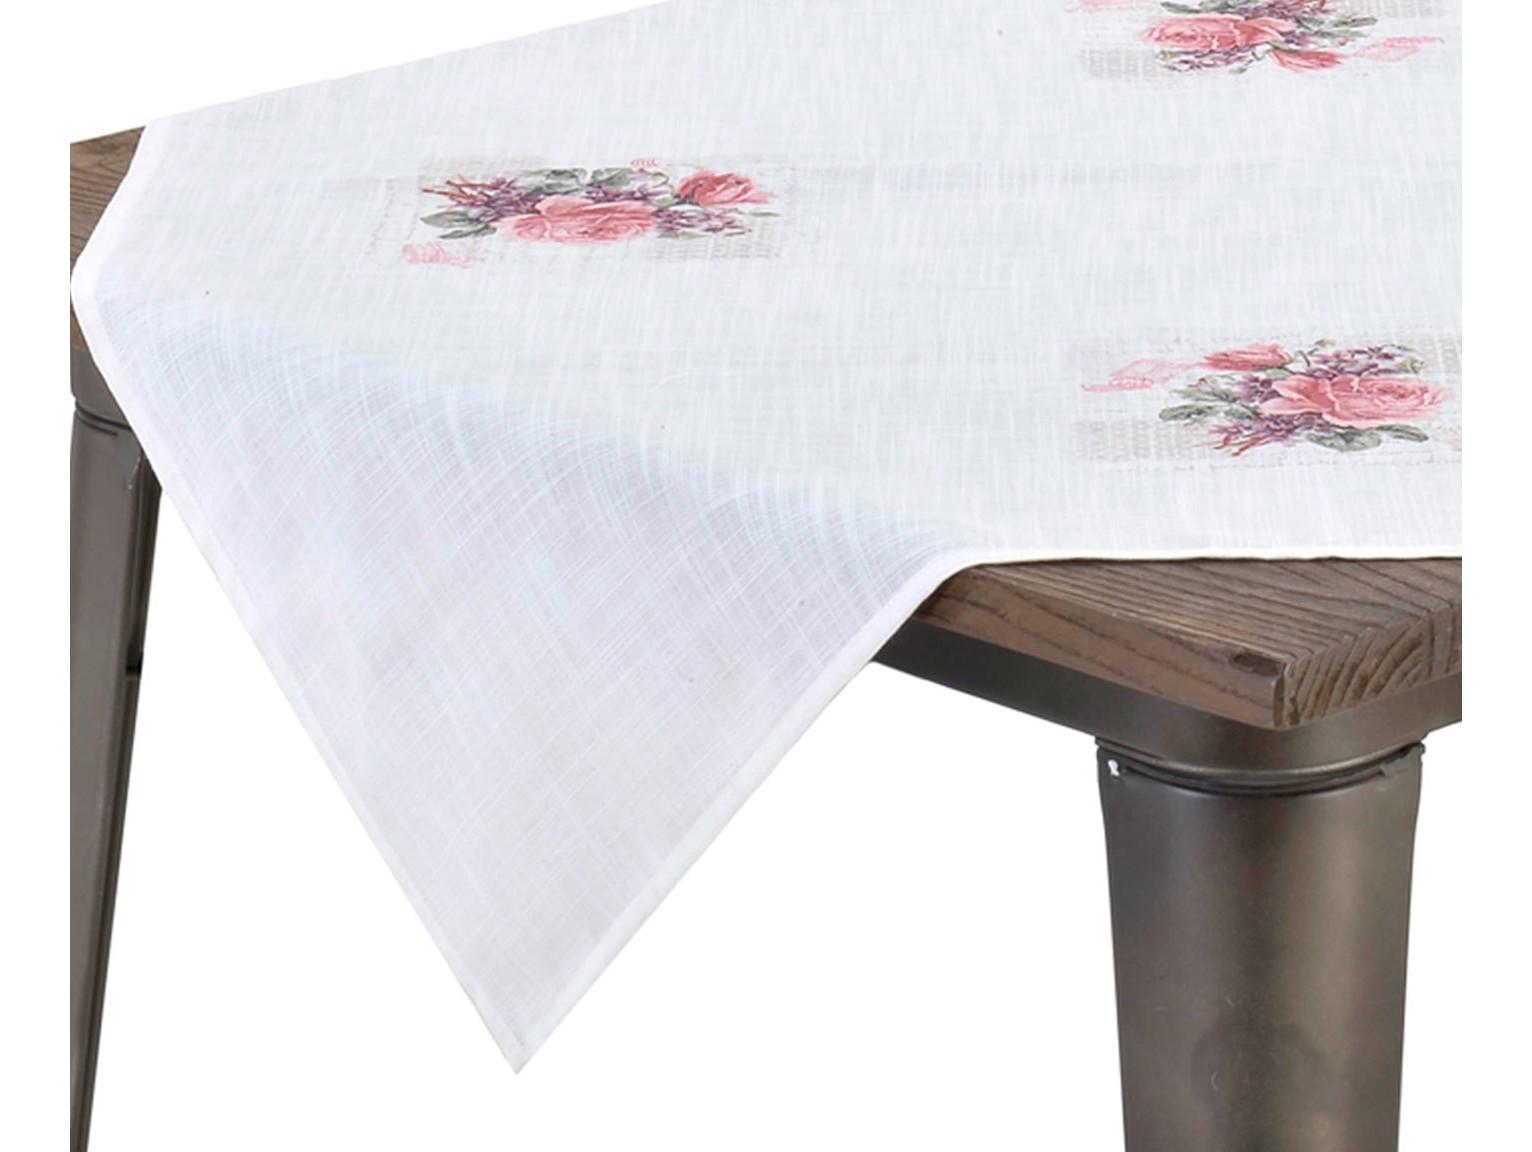 Скатерть VioletСкатерти<br><br><br>Material: Текстиль<br>Ширина см: 90.0<br>Высота см: 1.0<br>Глубина см: 90.0